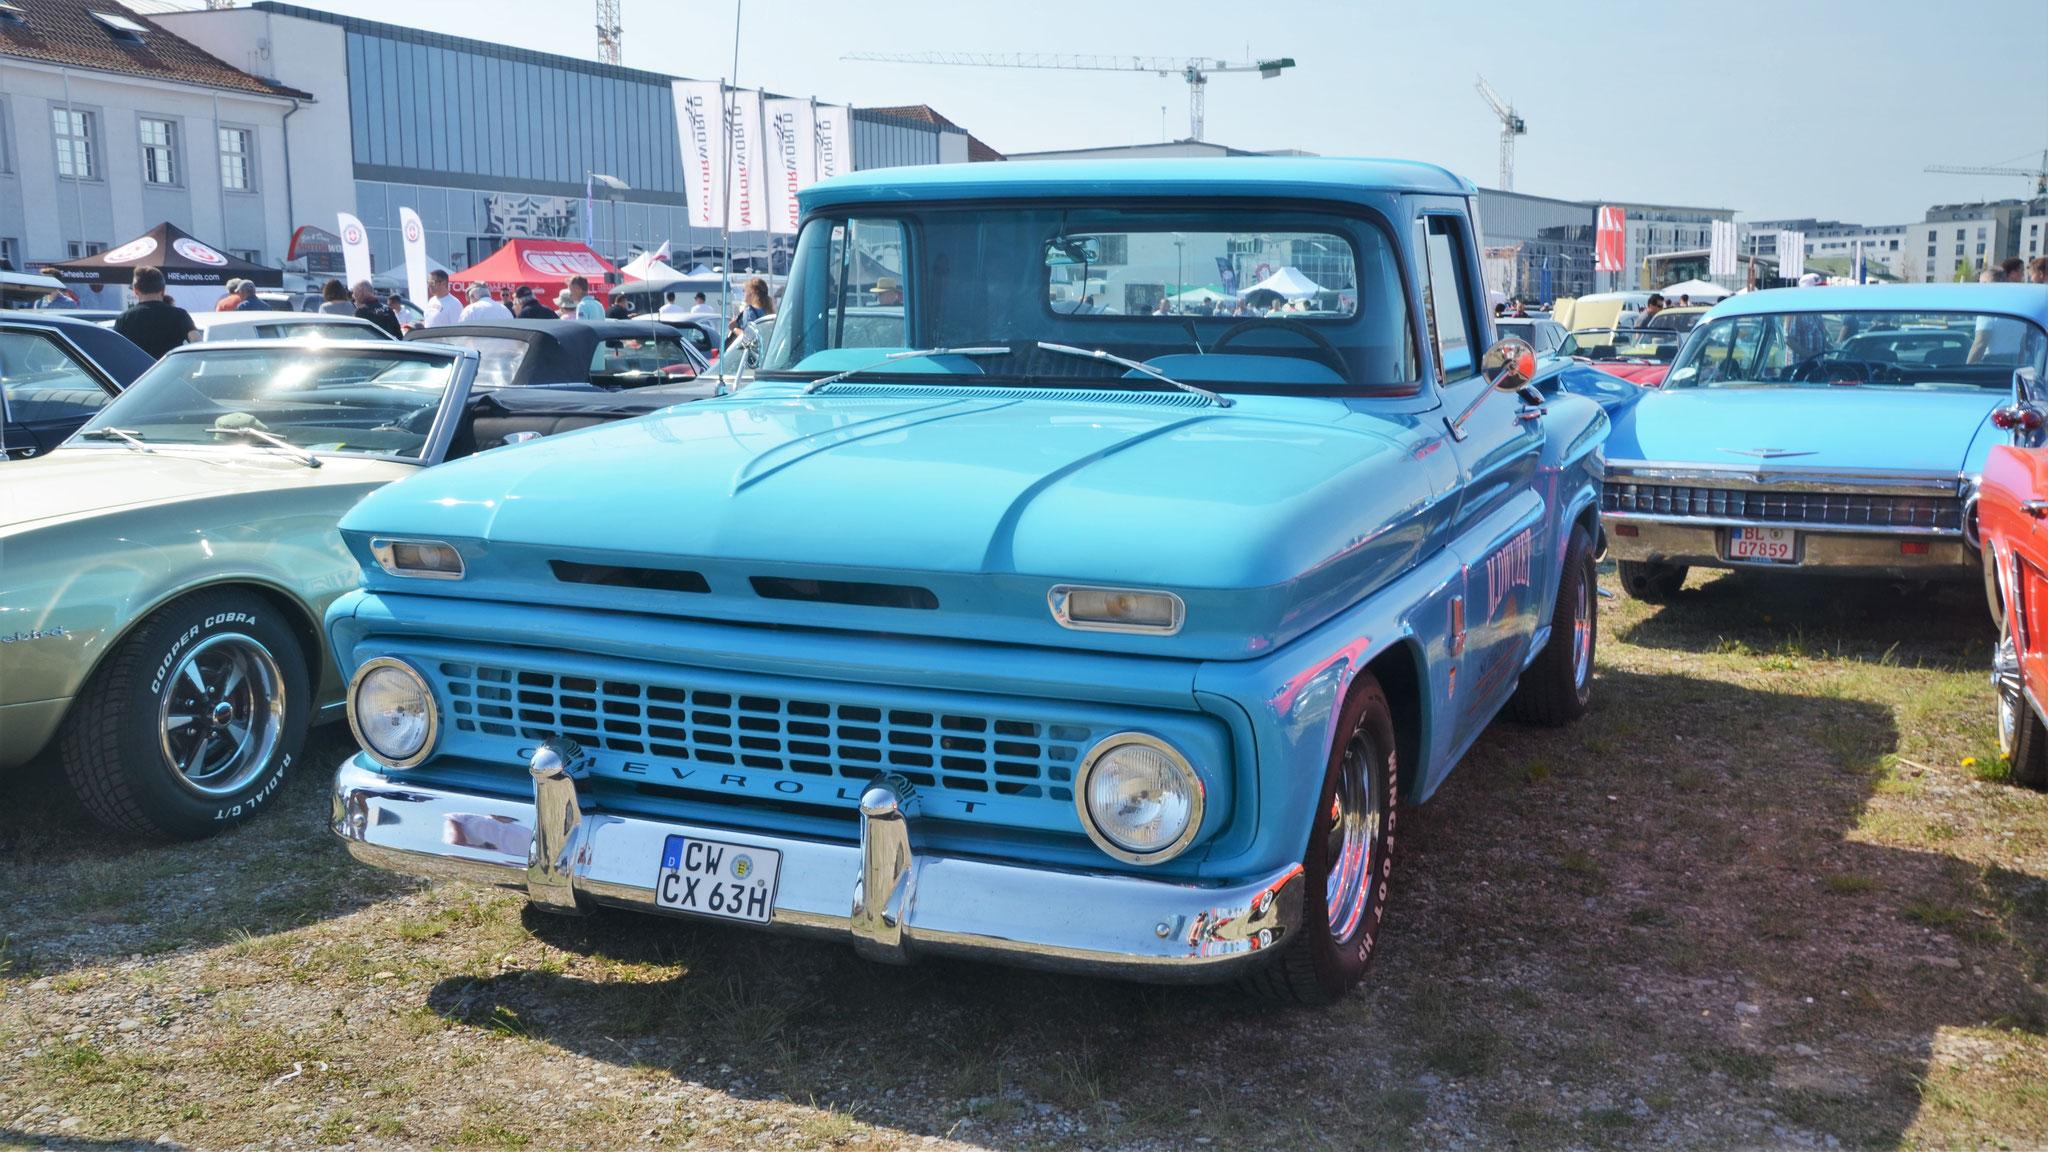 Chevrolet Pickup -CW-CX-63H